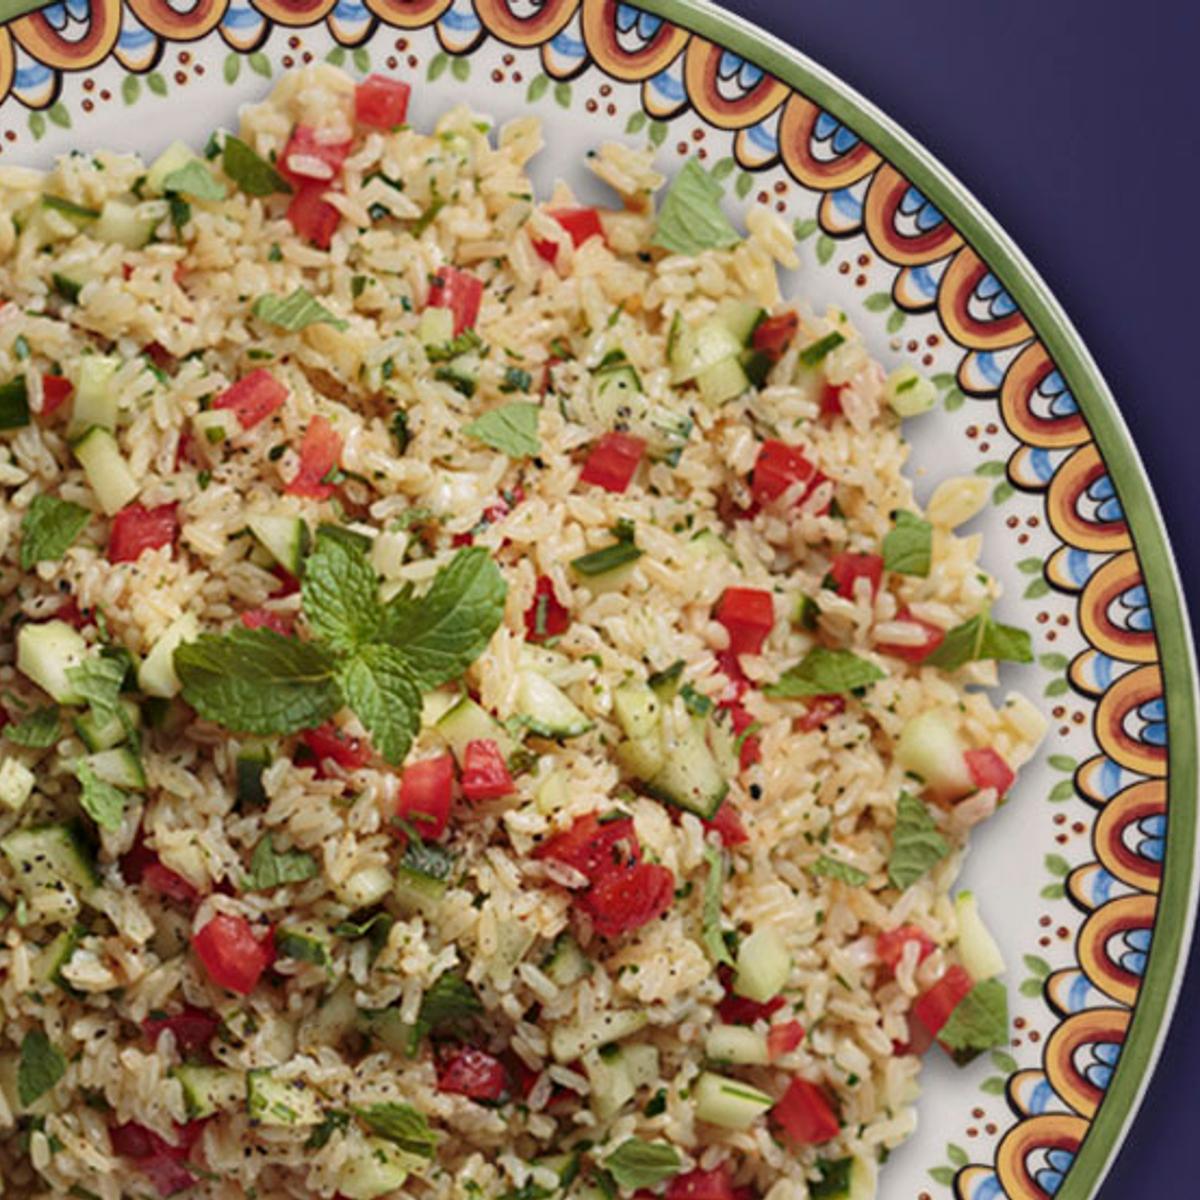 Texmati Rice Tabbouleh Recipe